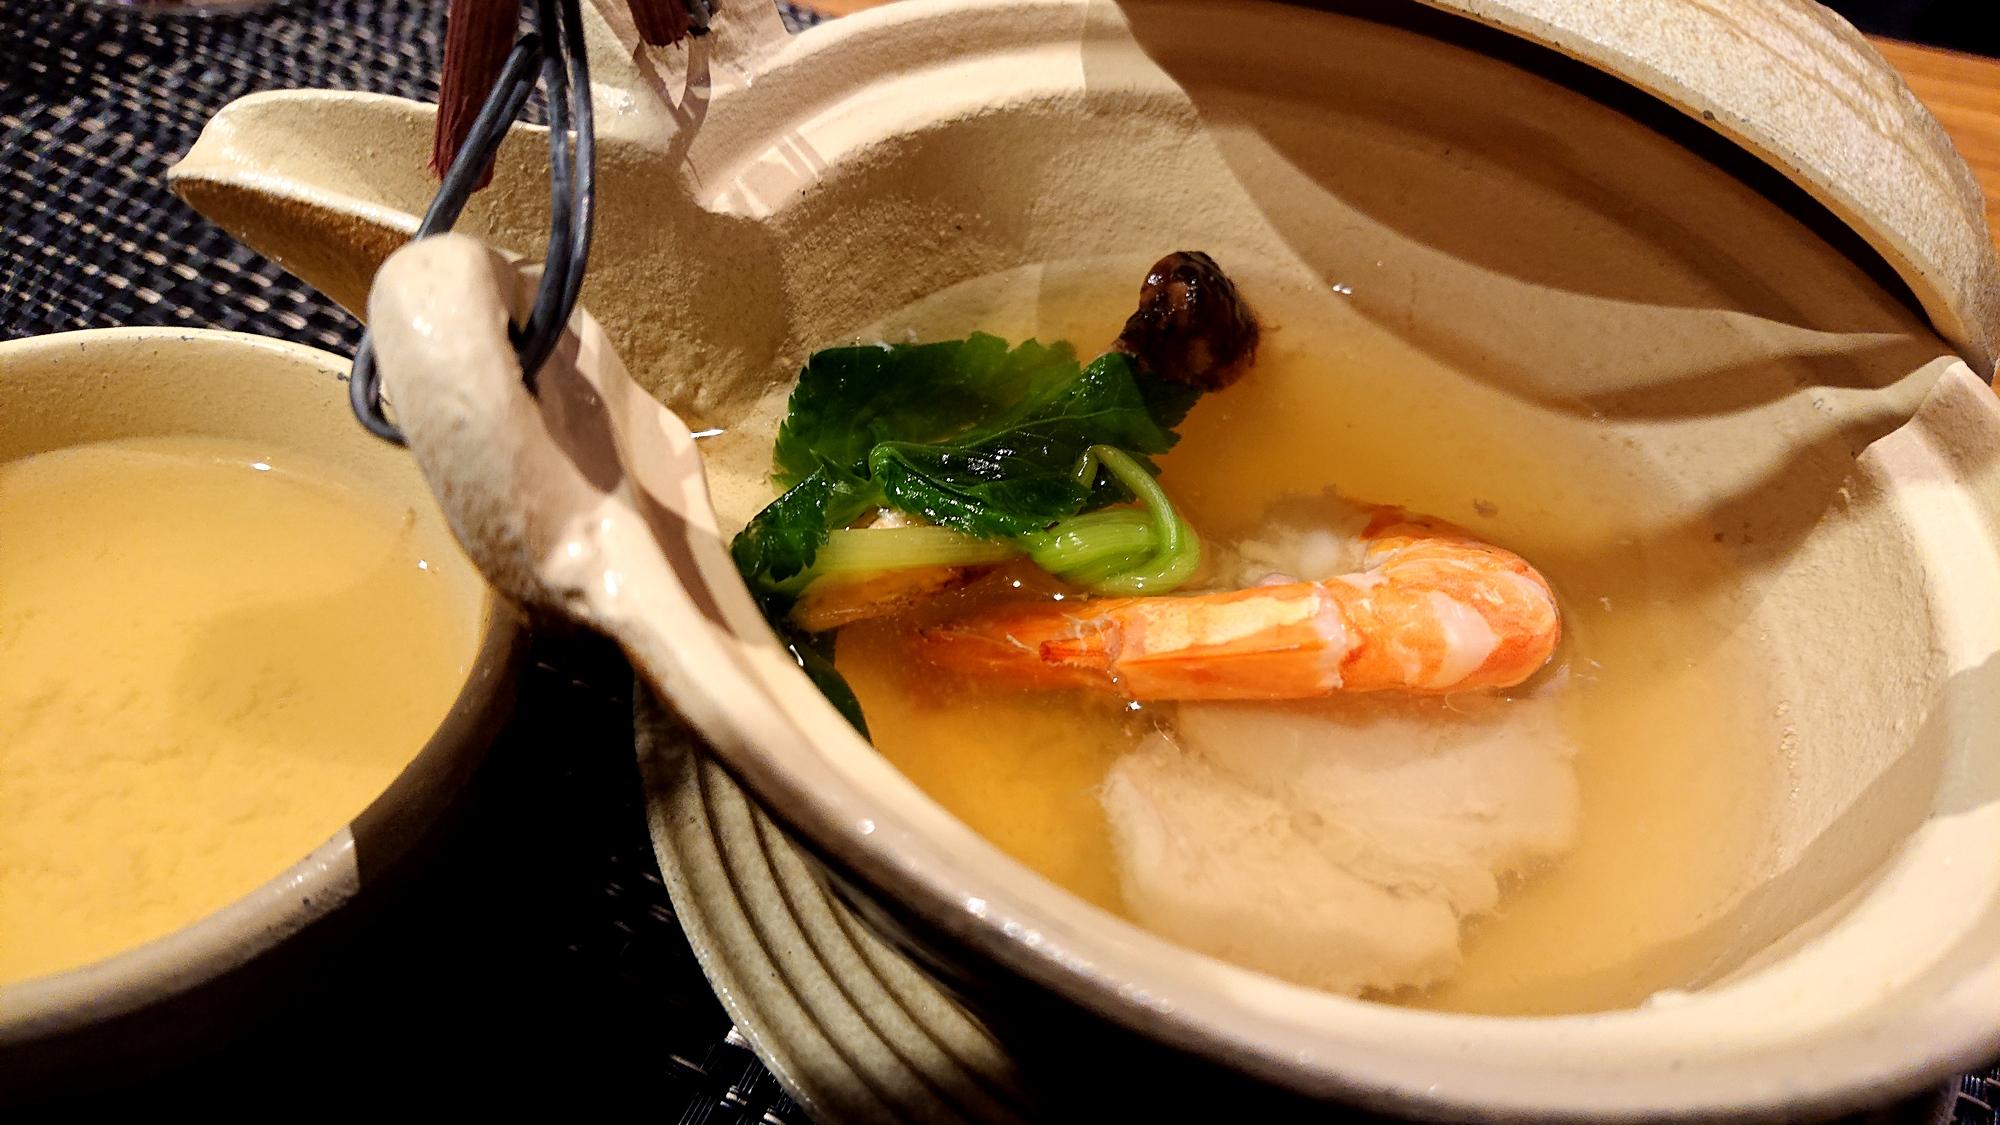 ホテルエピナール那須の菜す乃の松茸土瓶蒸し